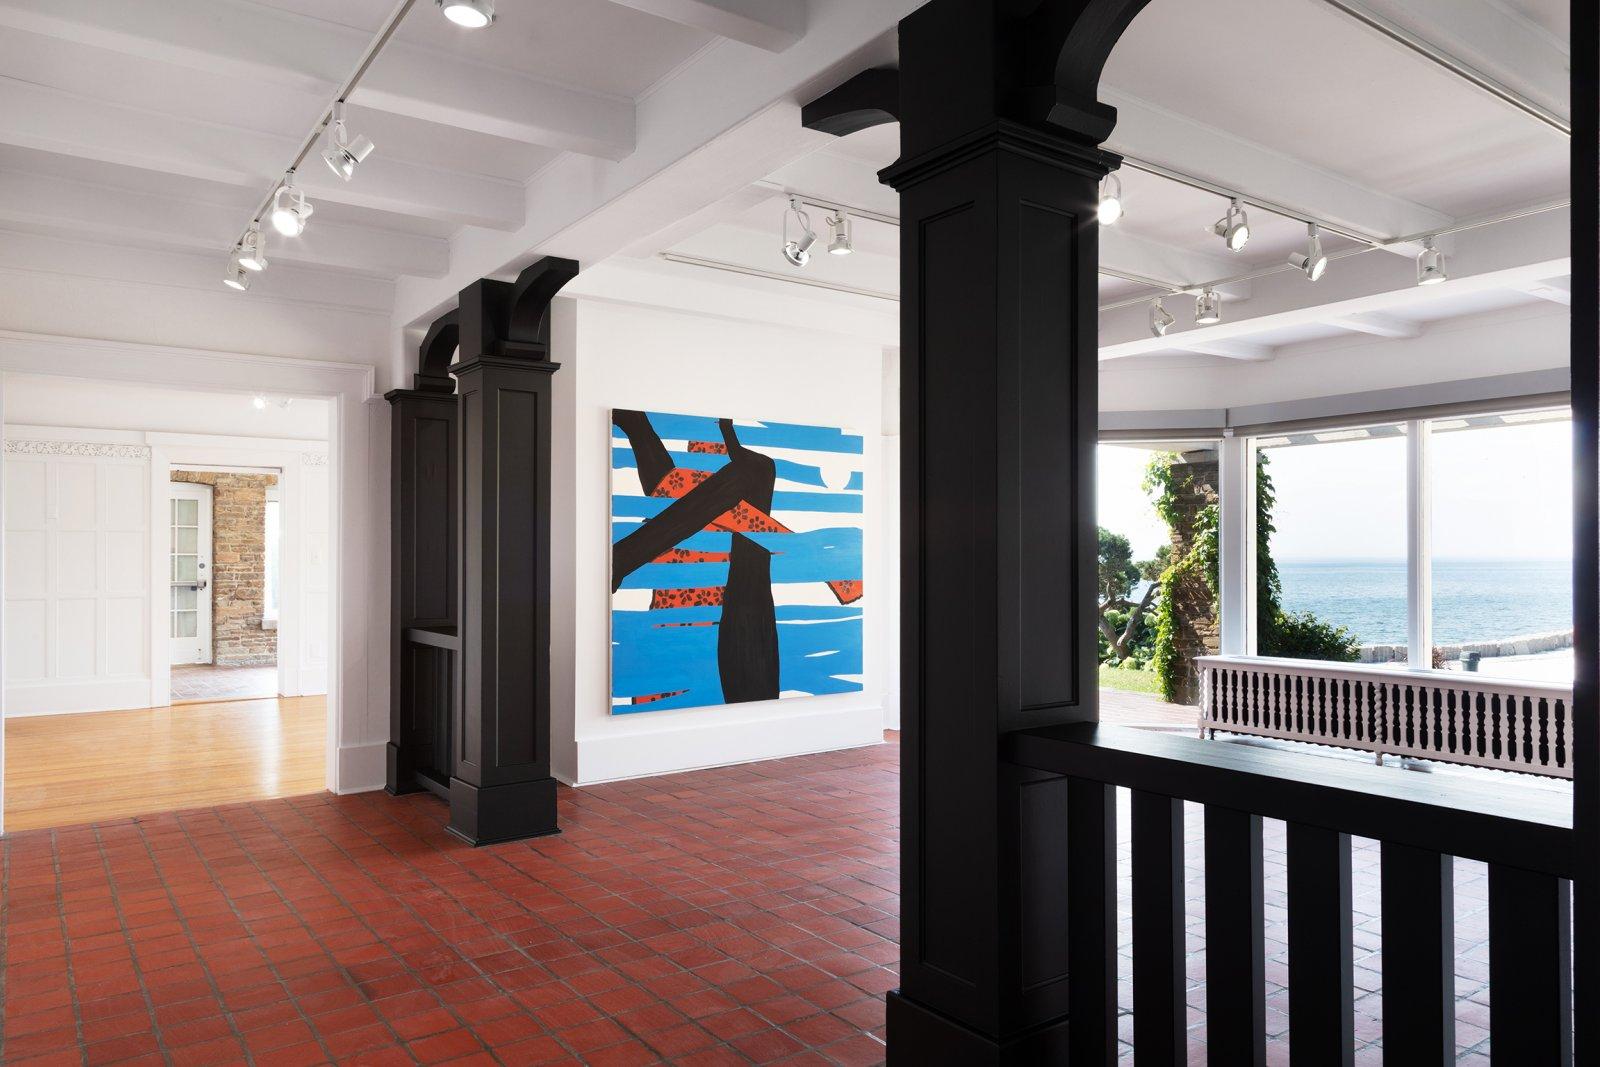 Elizabeth McIntosh, installation view, Show Up, Oakville Galleries, Gairloch Gardens, Oakville, Canada, 2020 by Elizabeth McIntosh